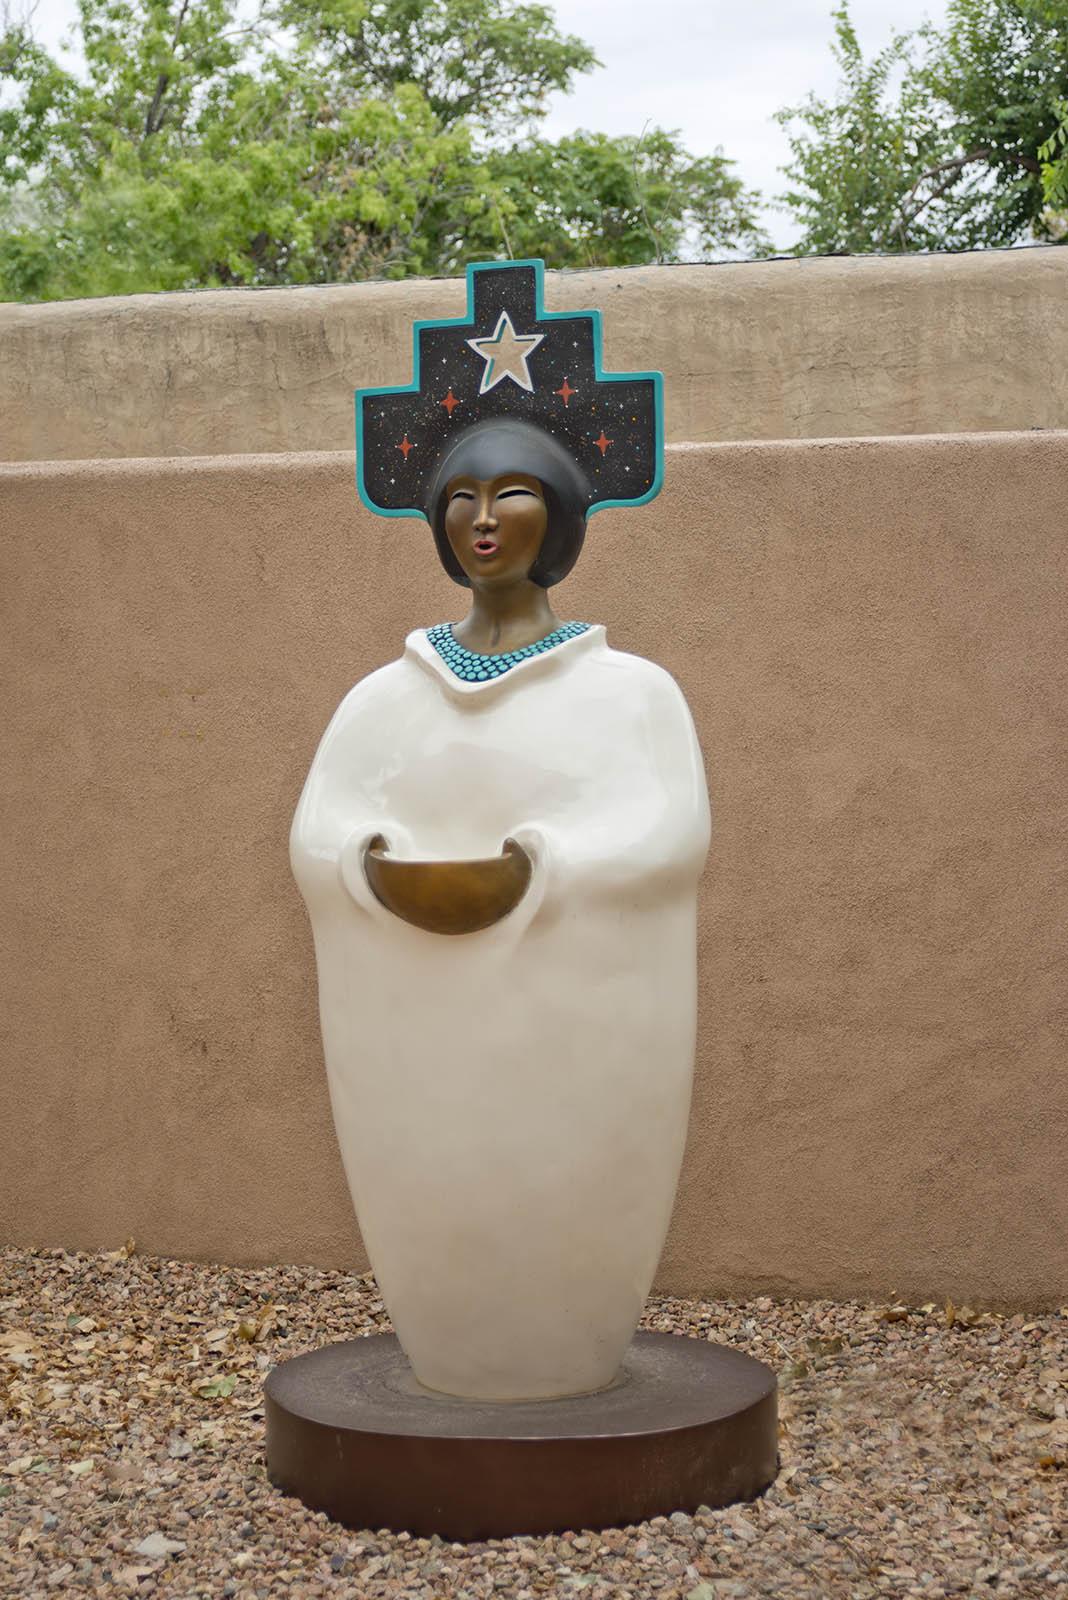 Estella Loretto, Earth Mother, Offerings For A Good Life (No Wa Mu Stio)